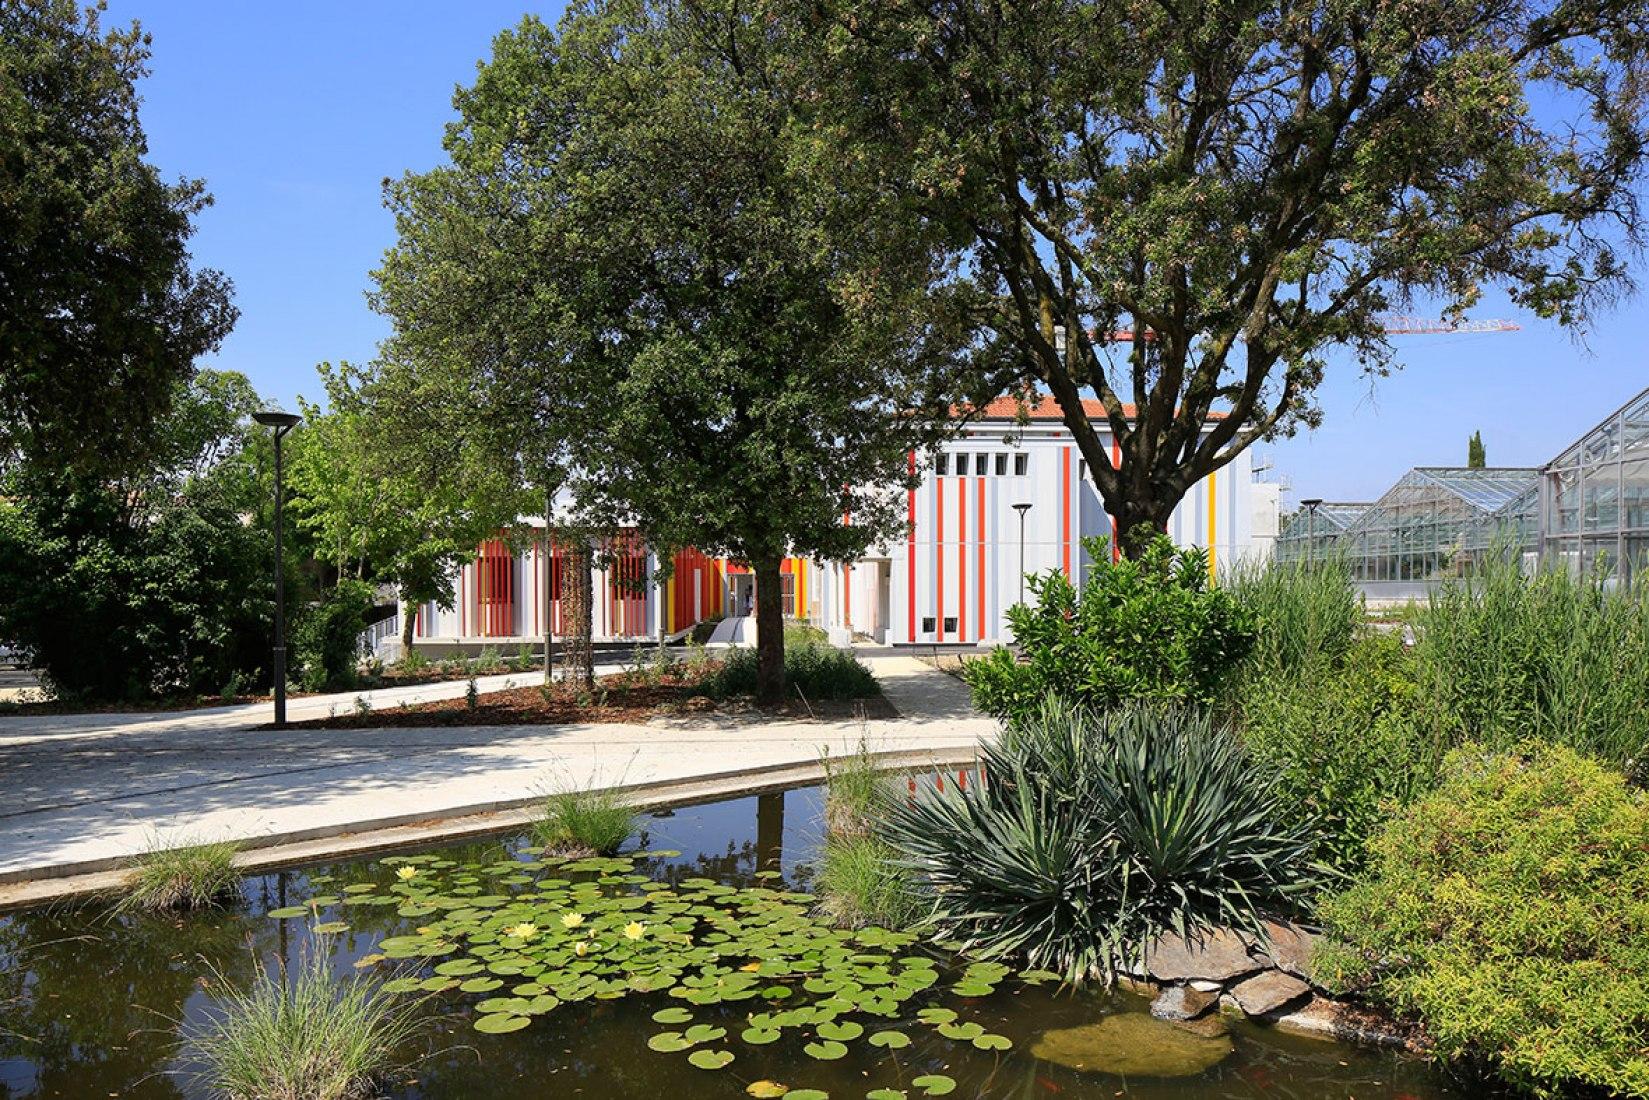 Vista exterior de la Ampliación del Instituto Agrícola Honoré de Balzac, por NBJ Architectes. Fotografía © photoarchitecture.com Paul Kozlowski. Cortesía de v2com.